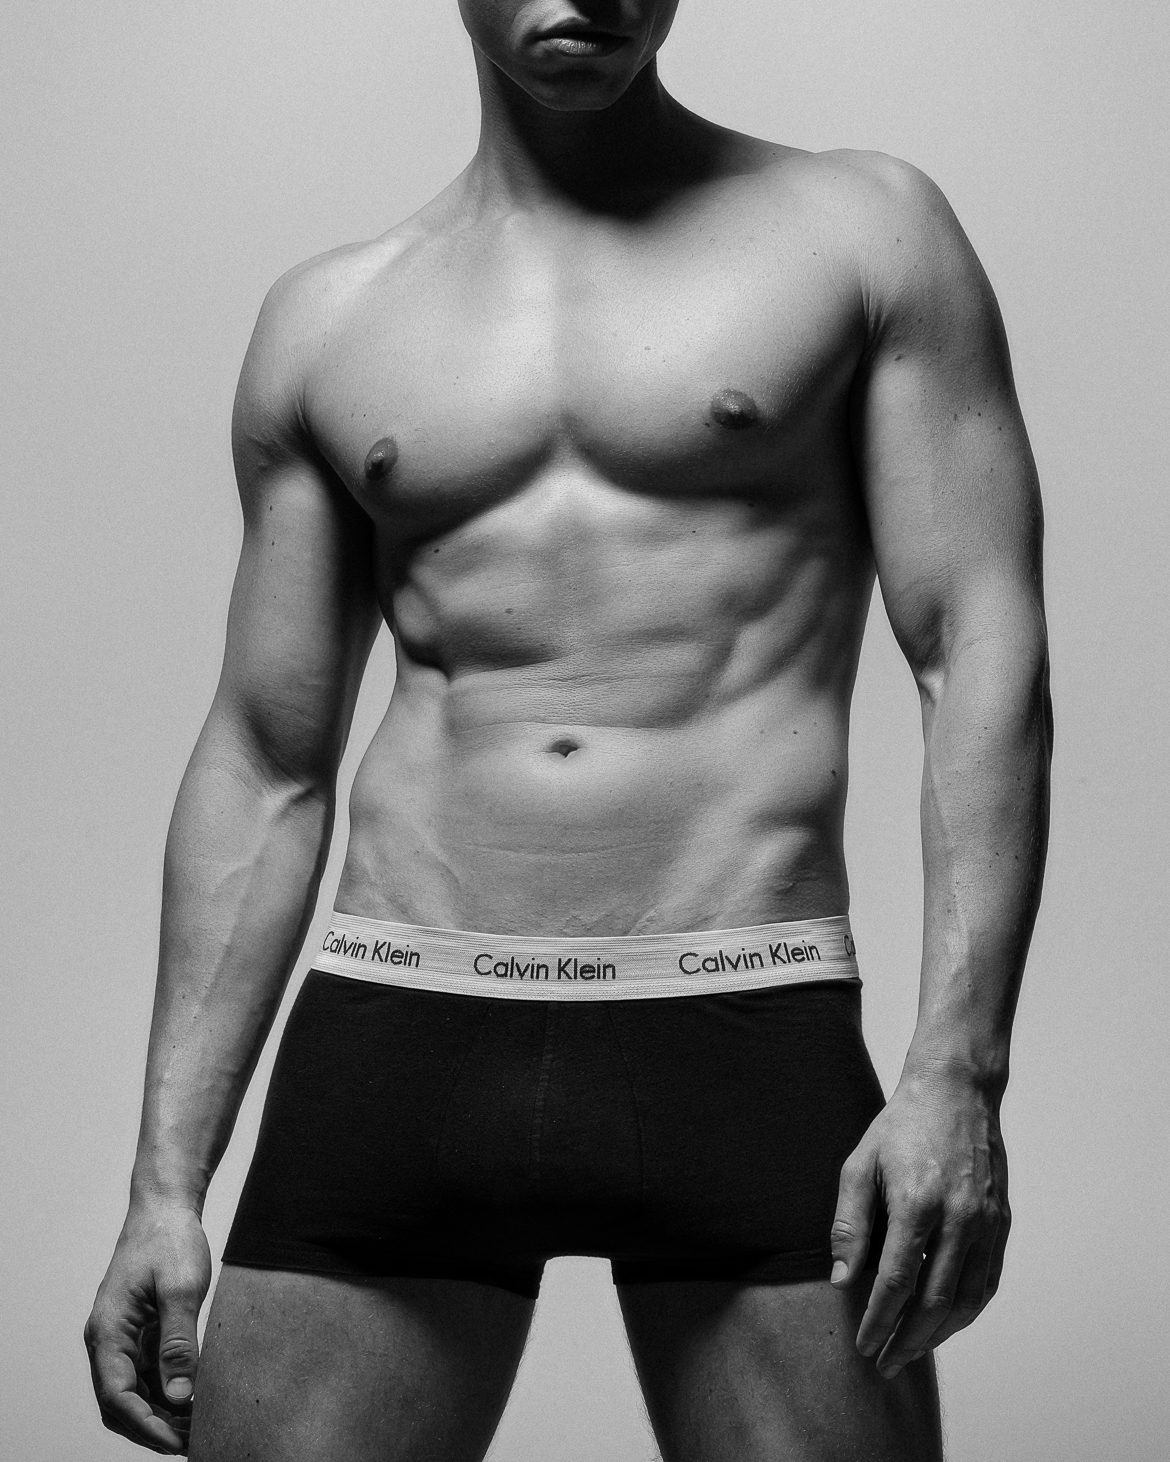 Kurt Remling Fotograf Bodyshots Portraits Ivan Flaretalents (4)